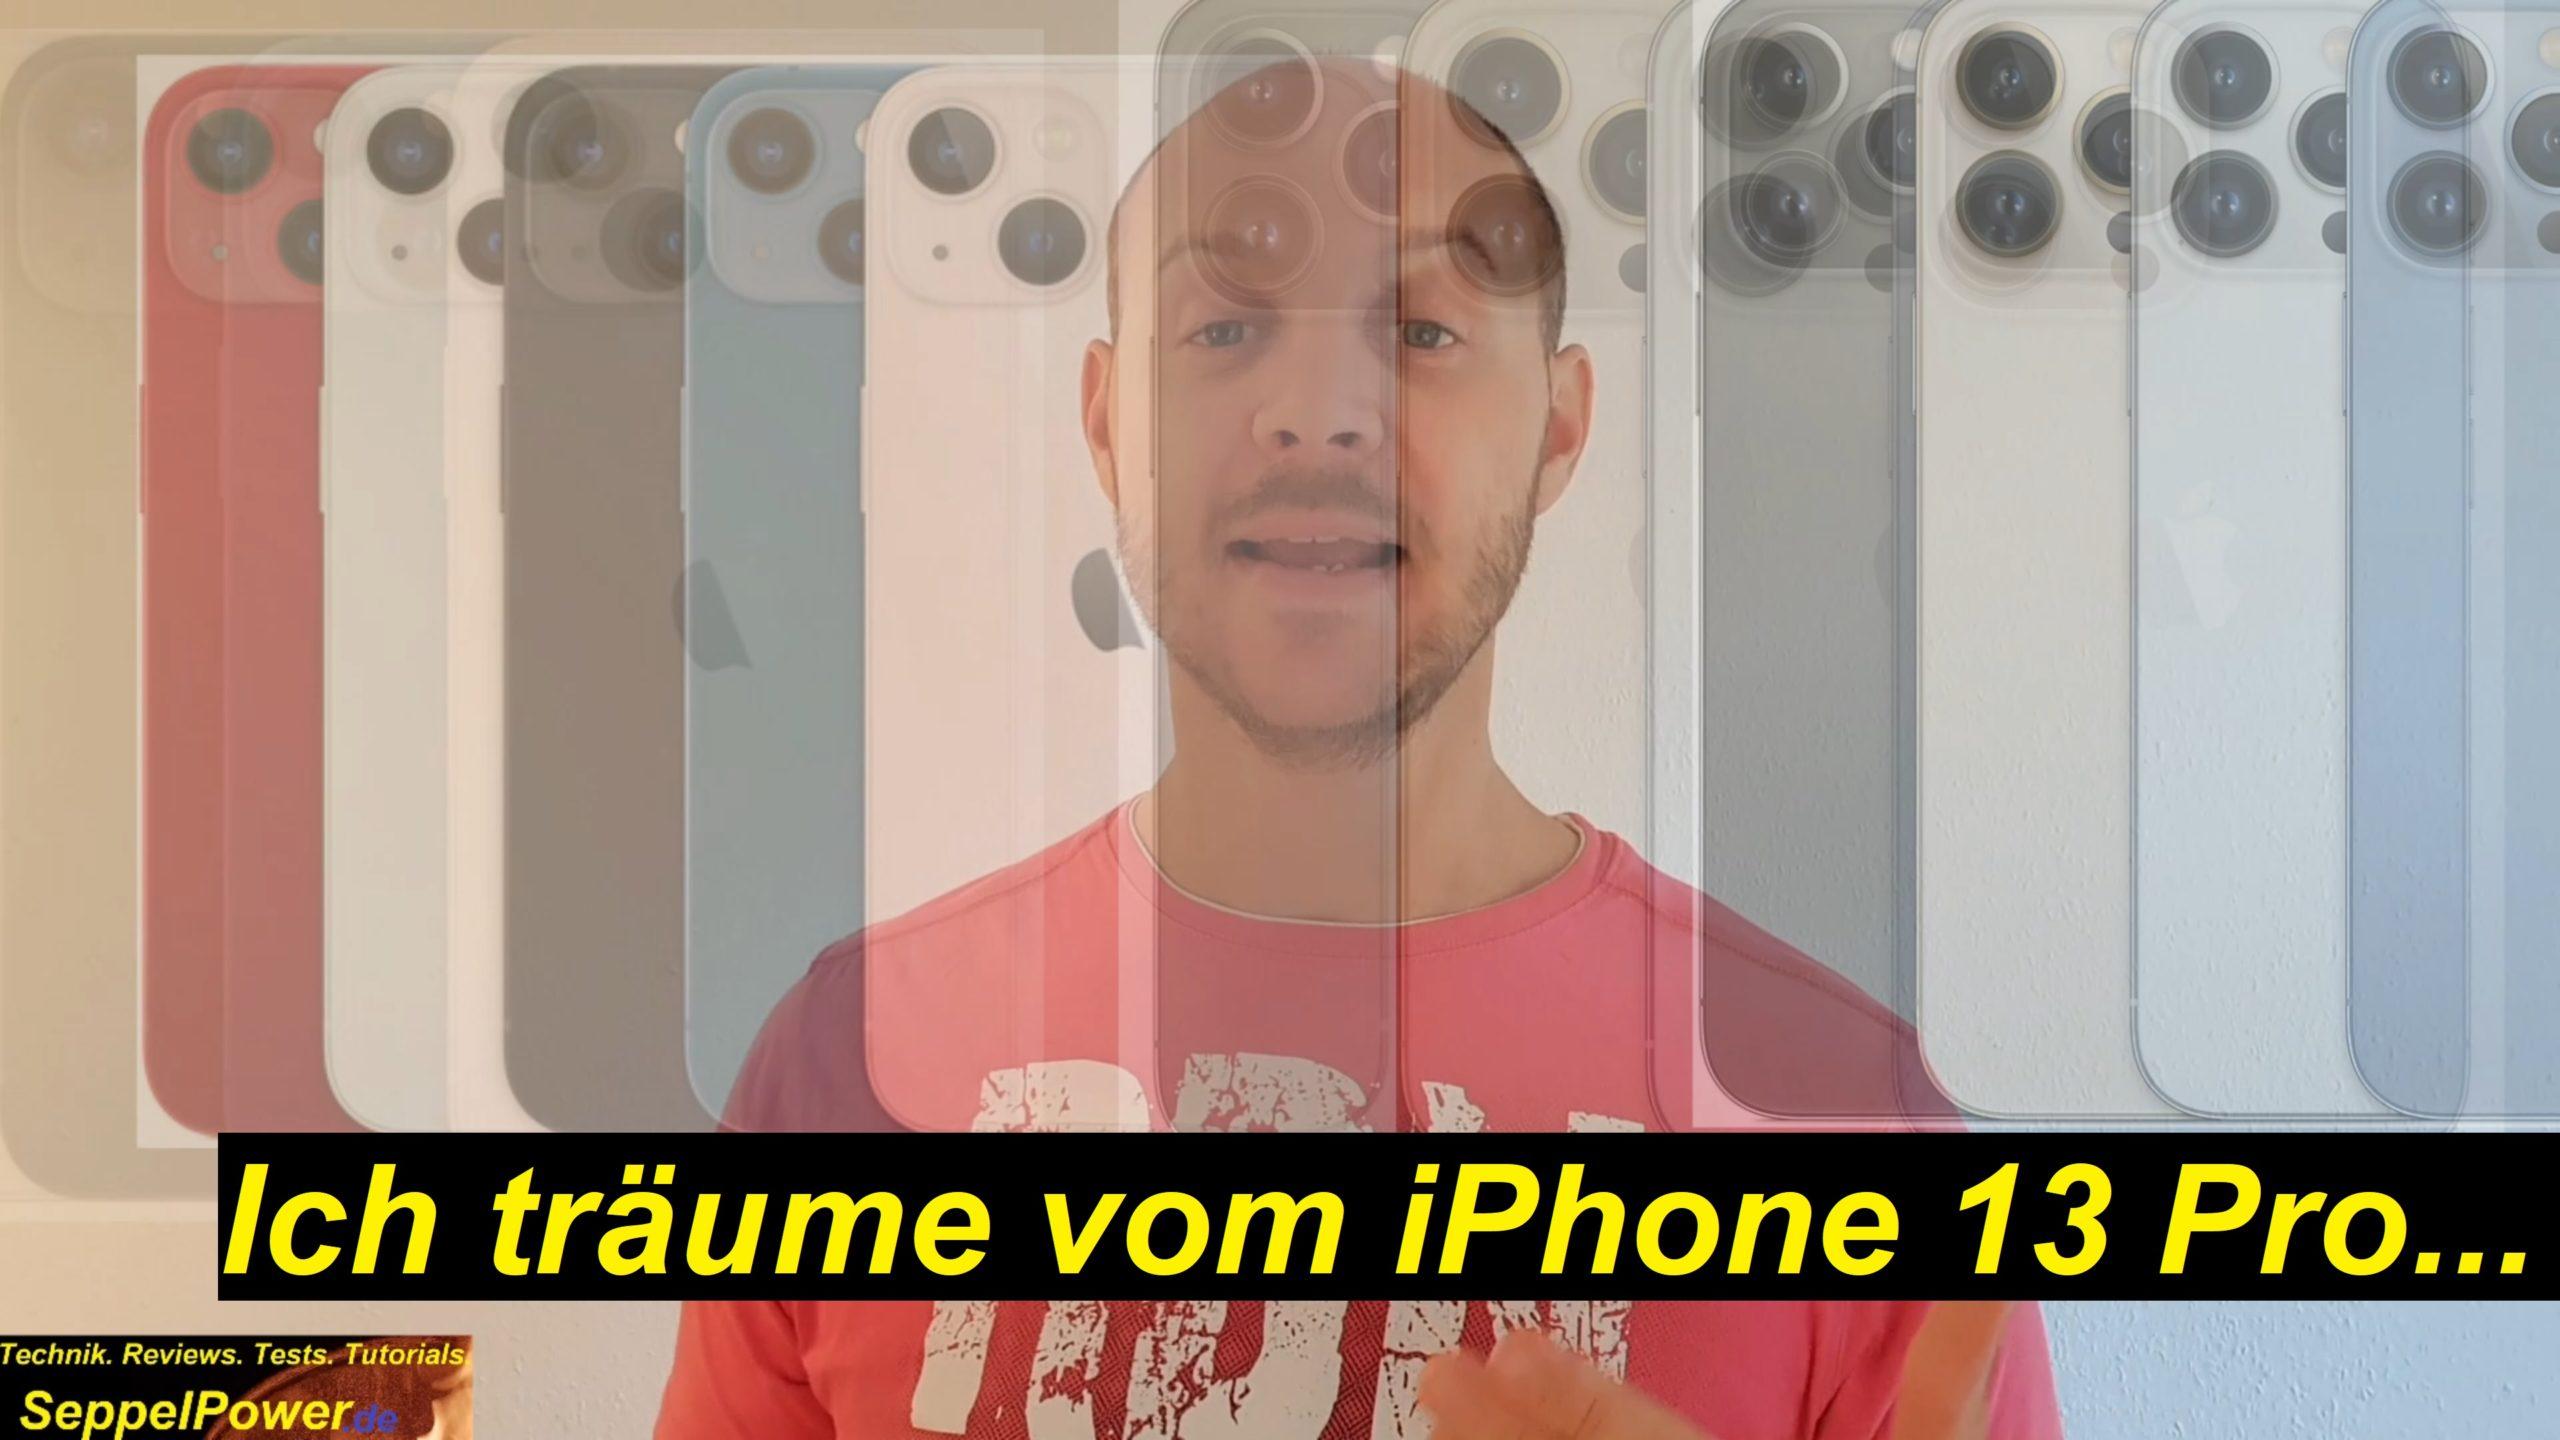 iPhone 13 Pro und ich werde schwach! 4 neue Modelle!